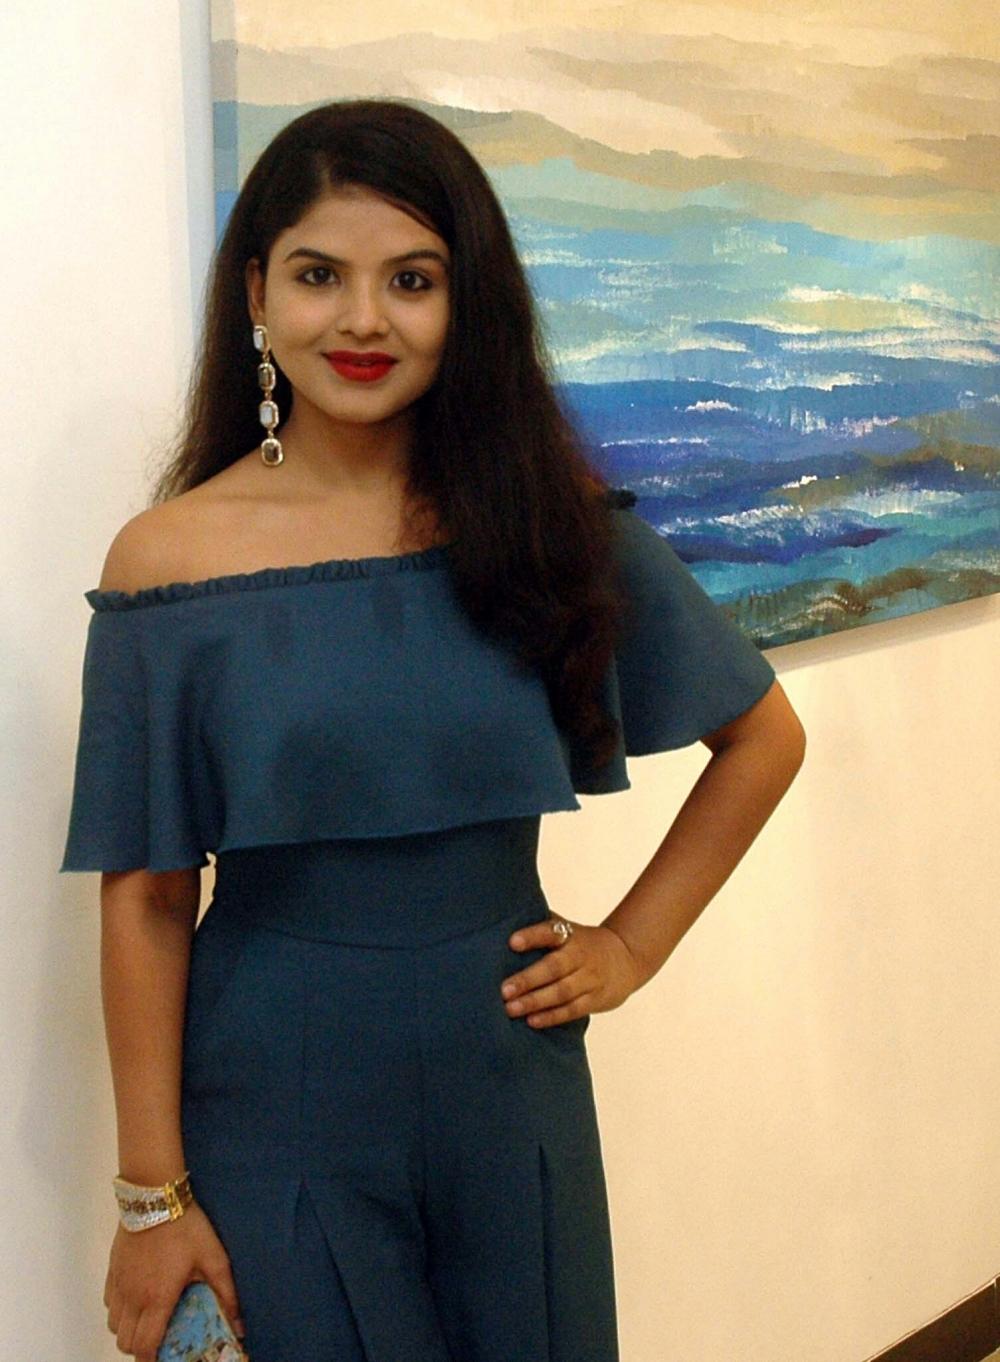 Rashmi Pitre pic